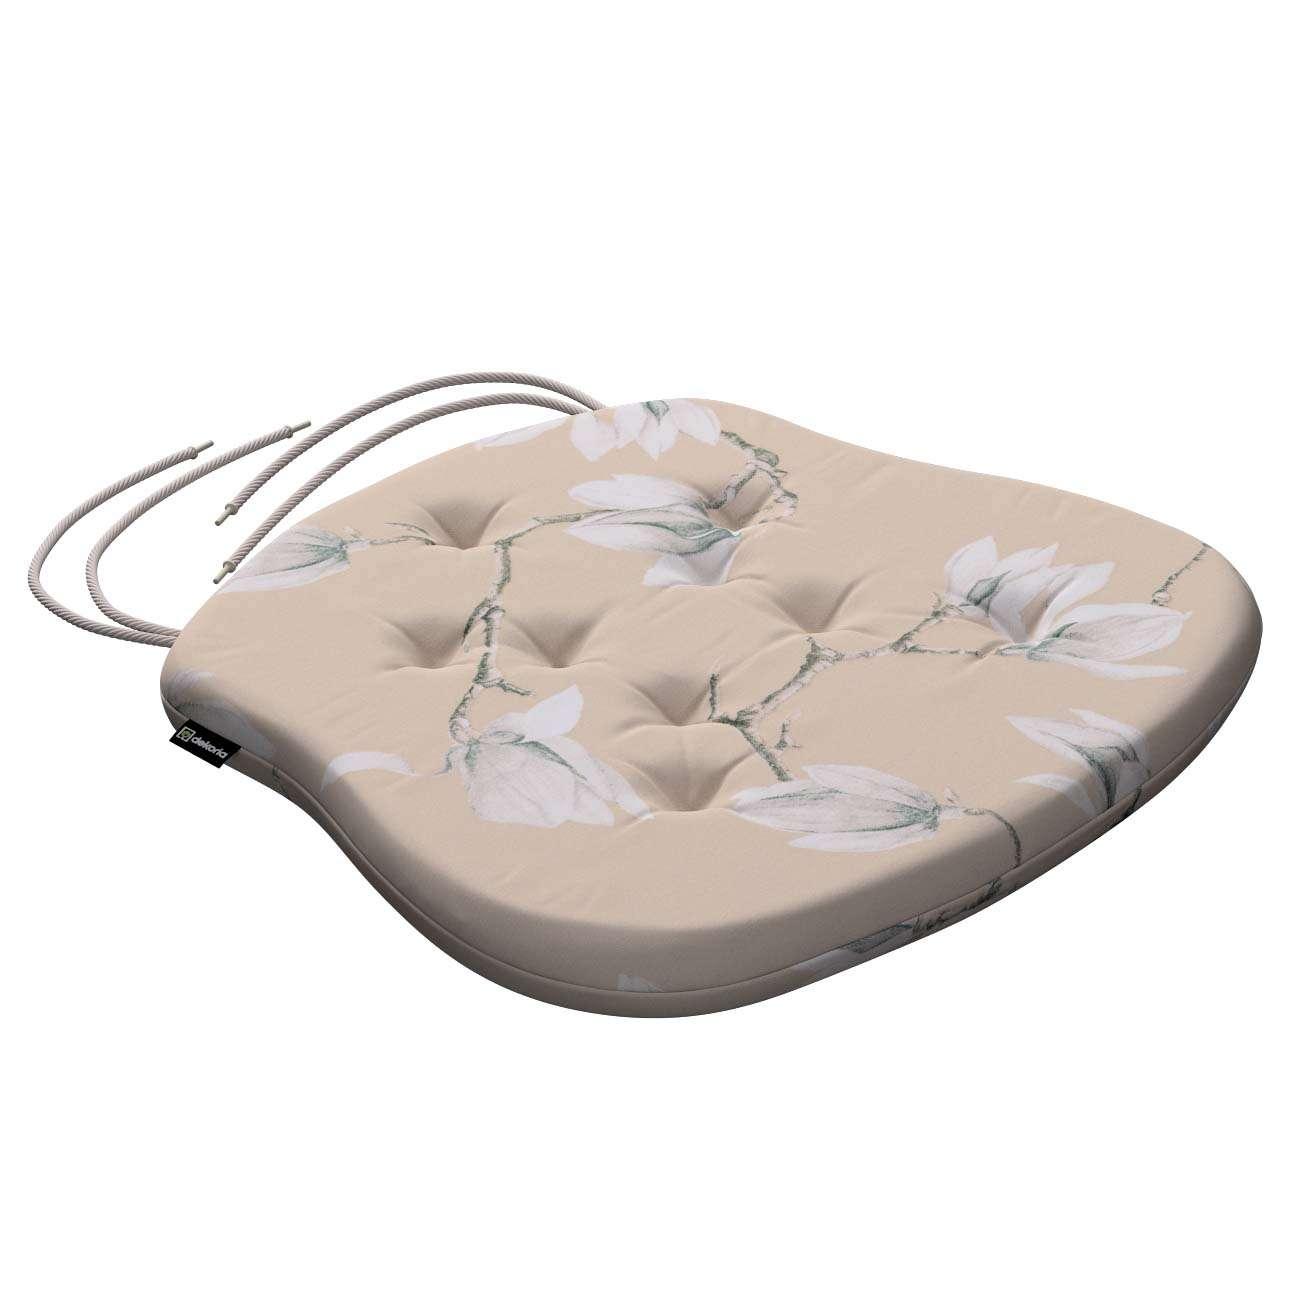 Kėdės pagalvėlė Filip  41 x 38 x 3,5 cm kolekcijoje Flowers, audinys: 311-12